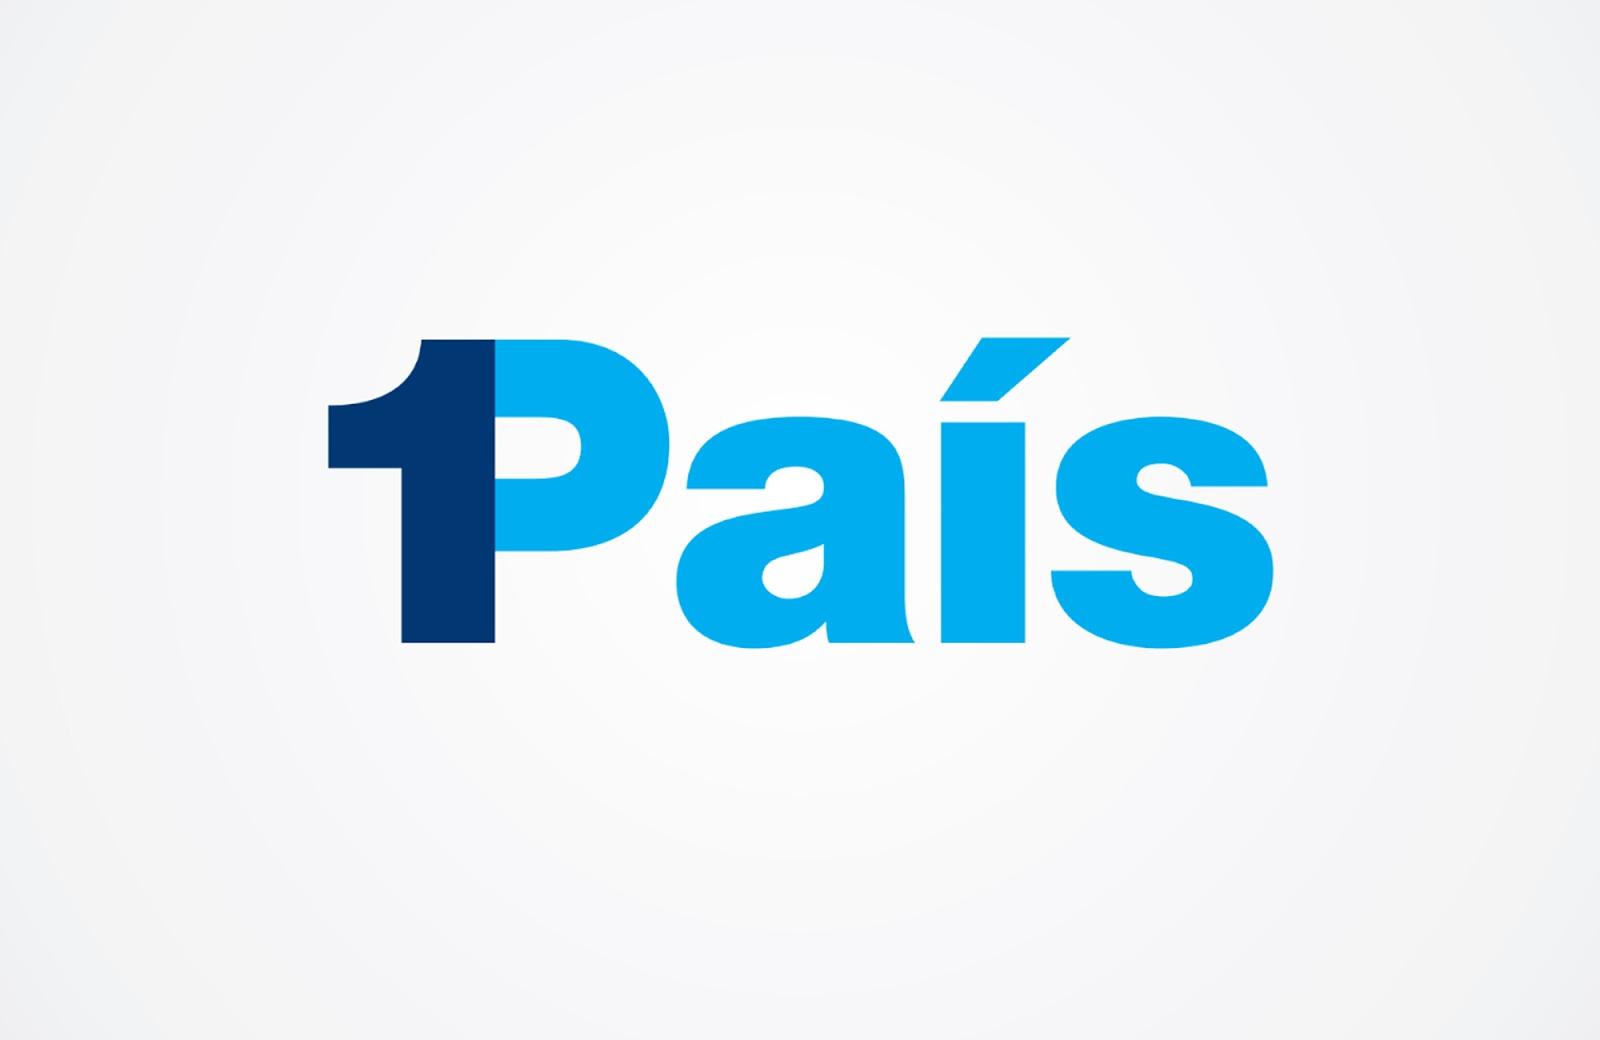 1pais-logotipo.jpg